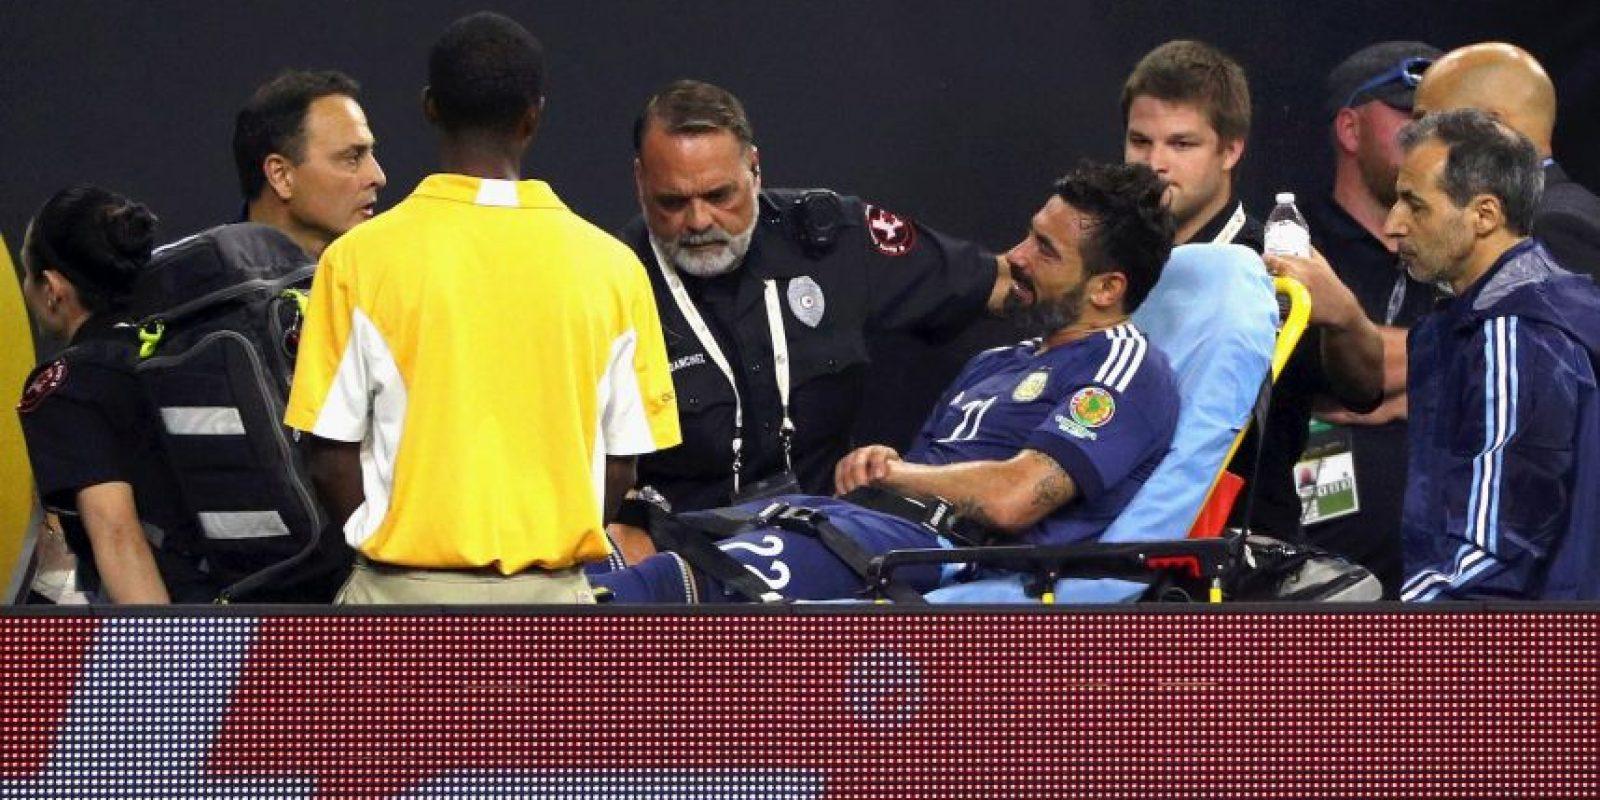 Lavezzi sufrió una luxación de codo y se perderá la final Foto:Getty Images